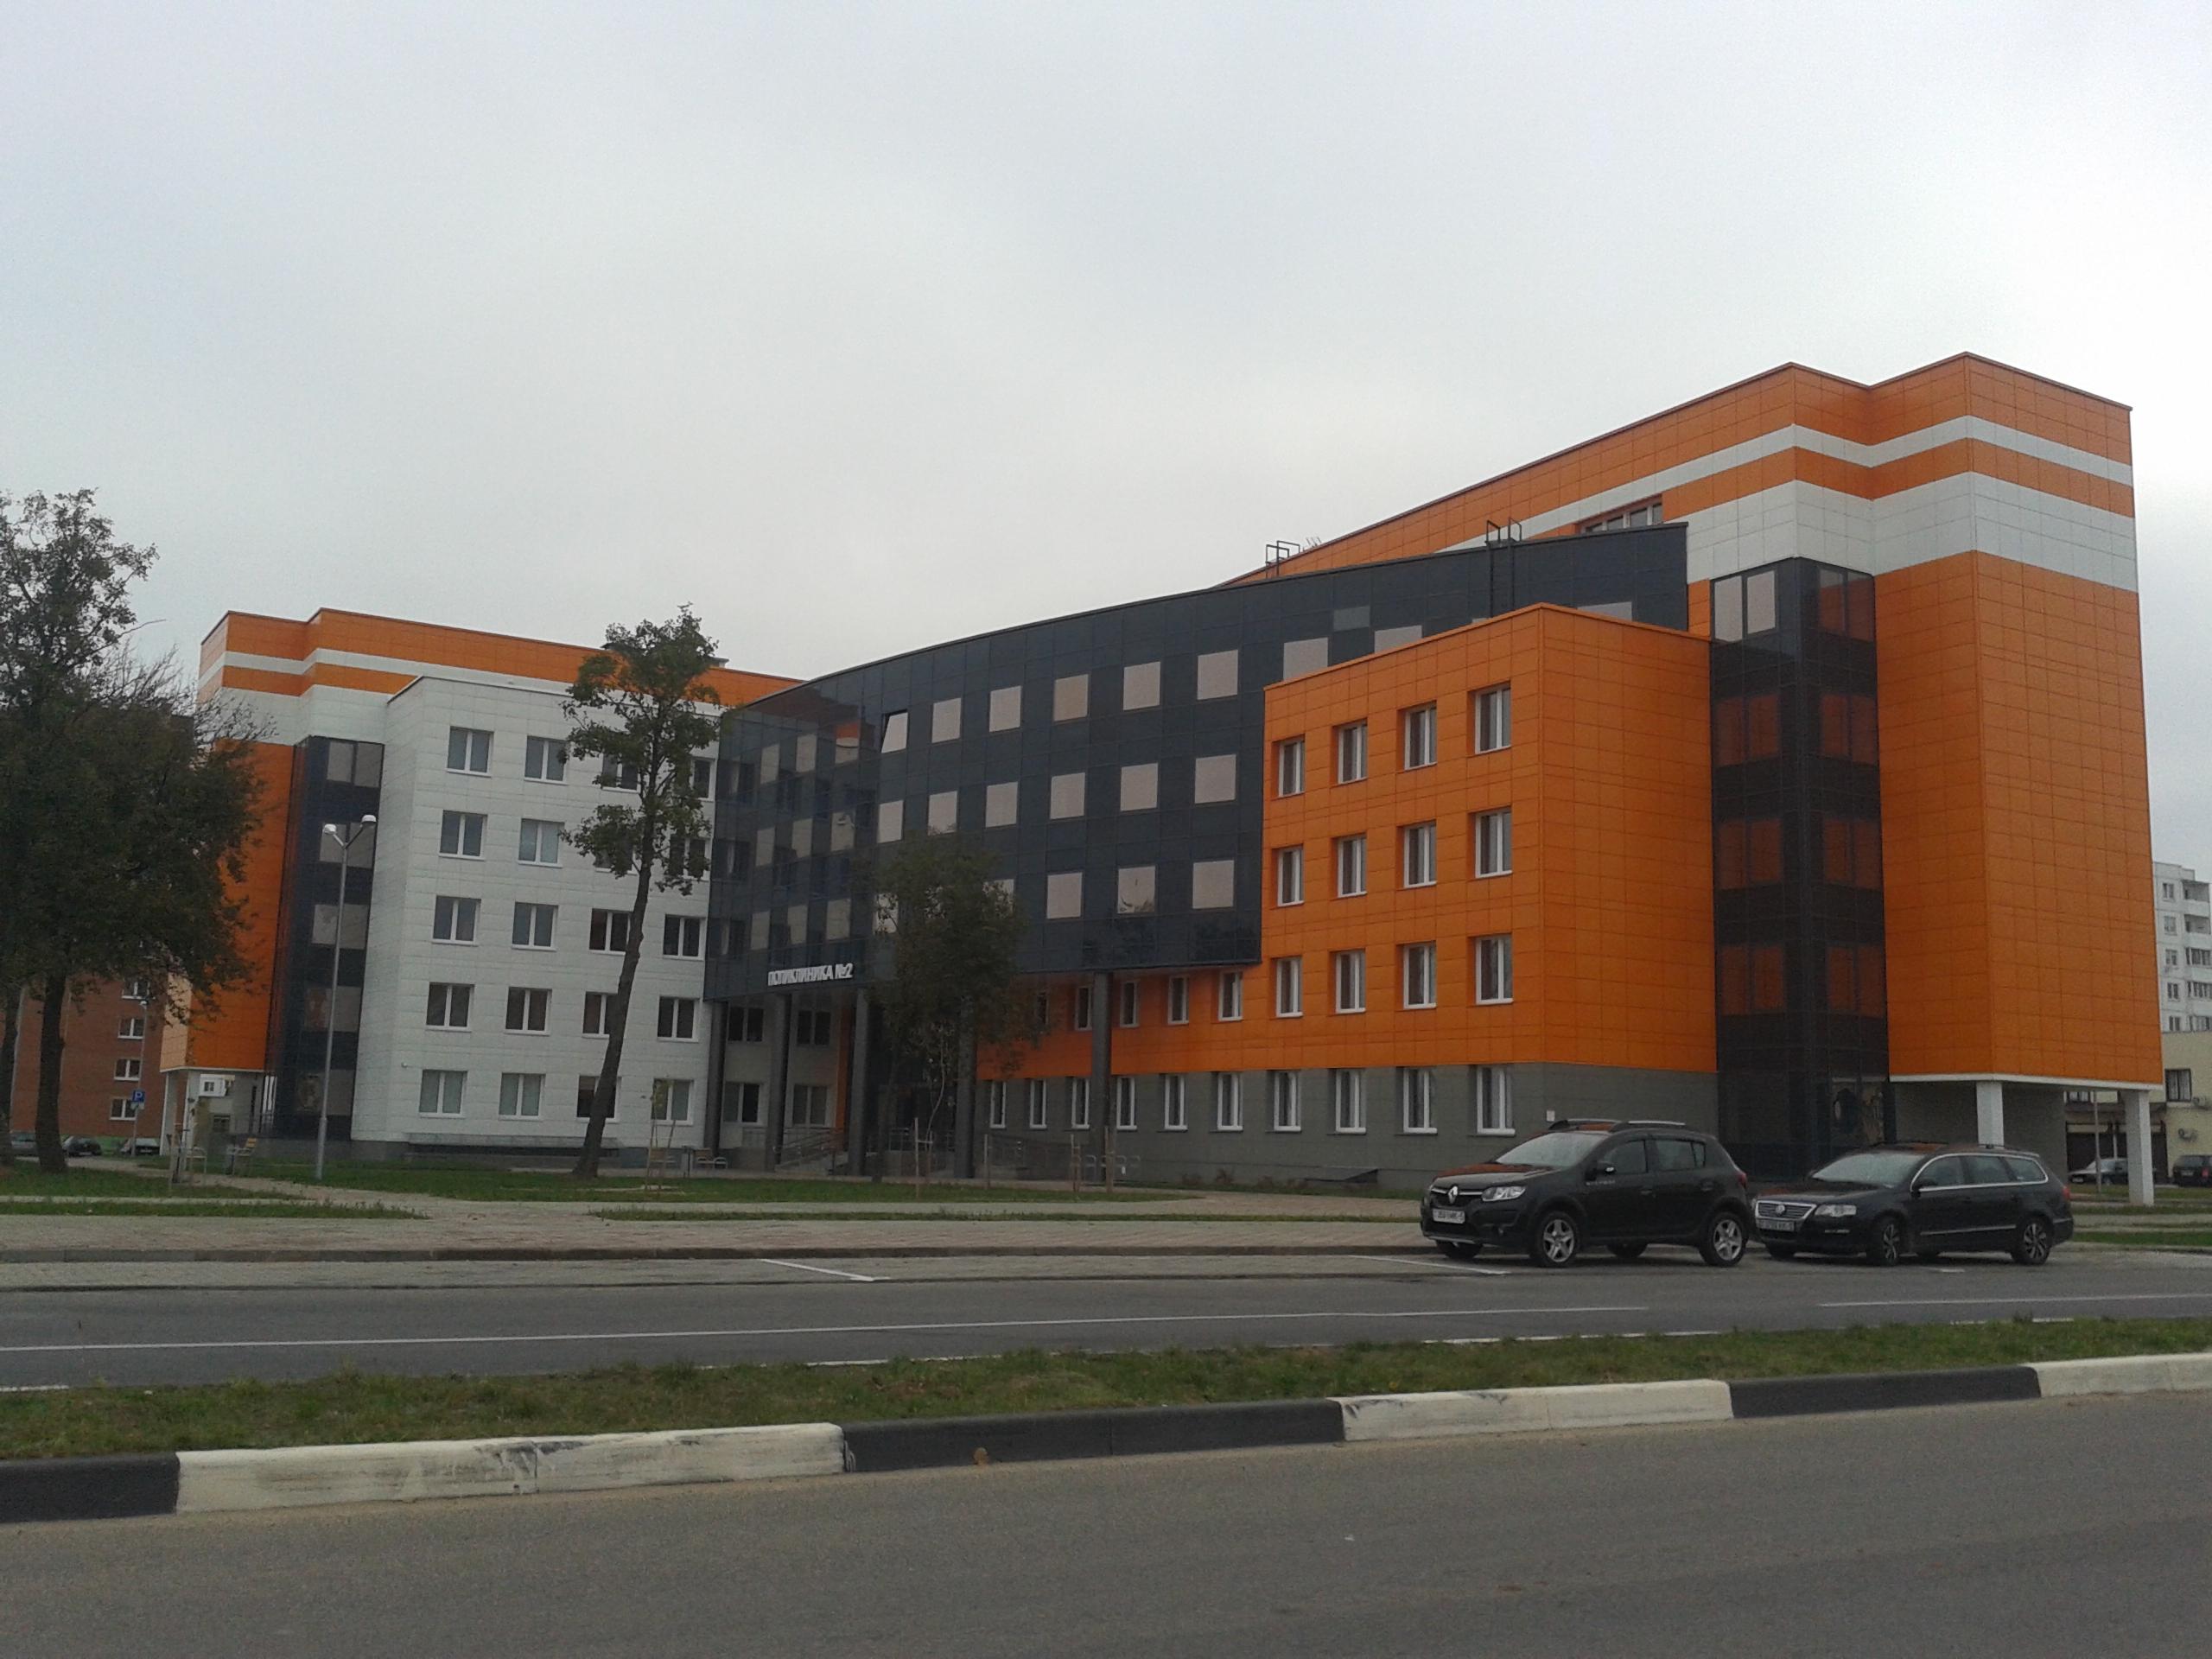 Поликлиника. Солигорск